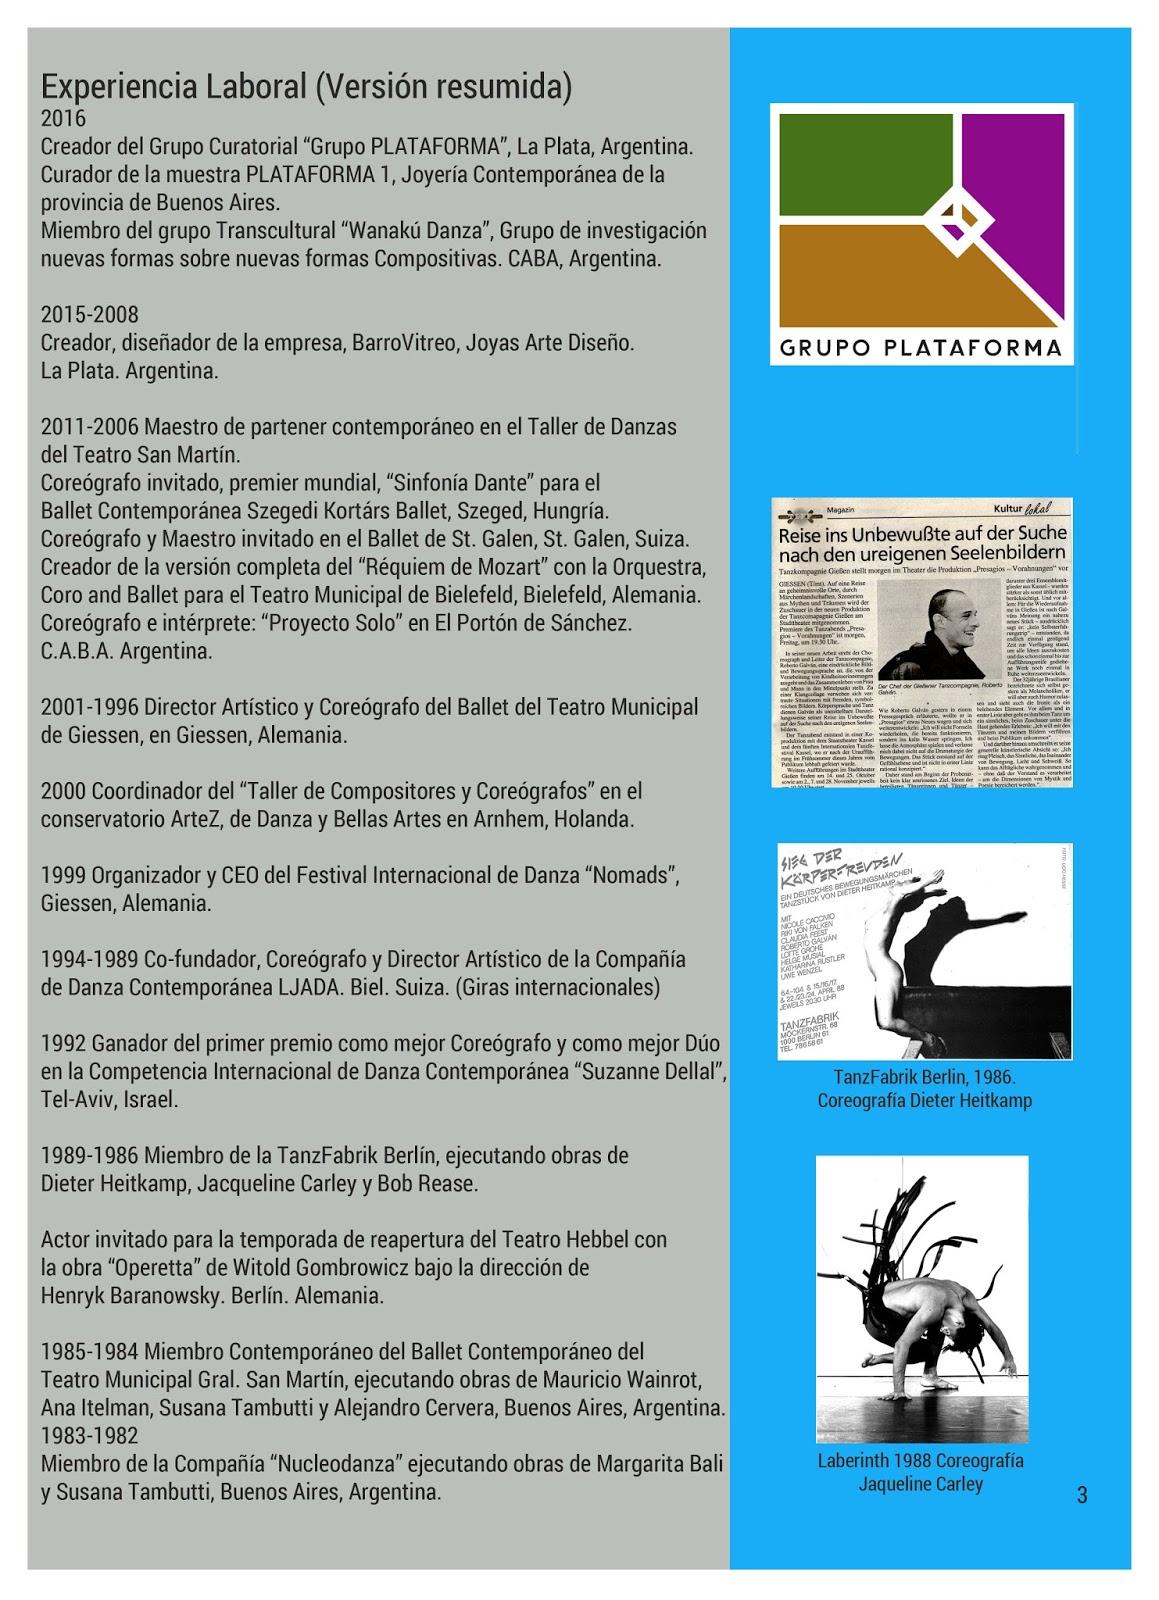 Roberto Galván Arte: Curriculum Vitae